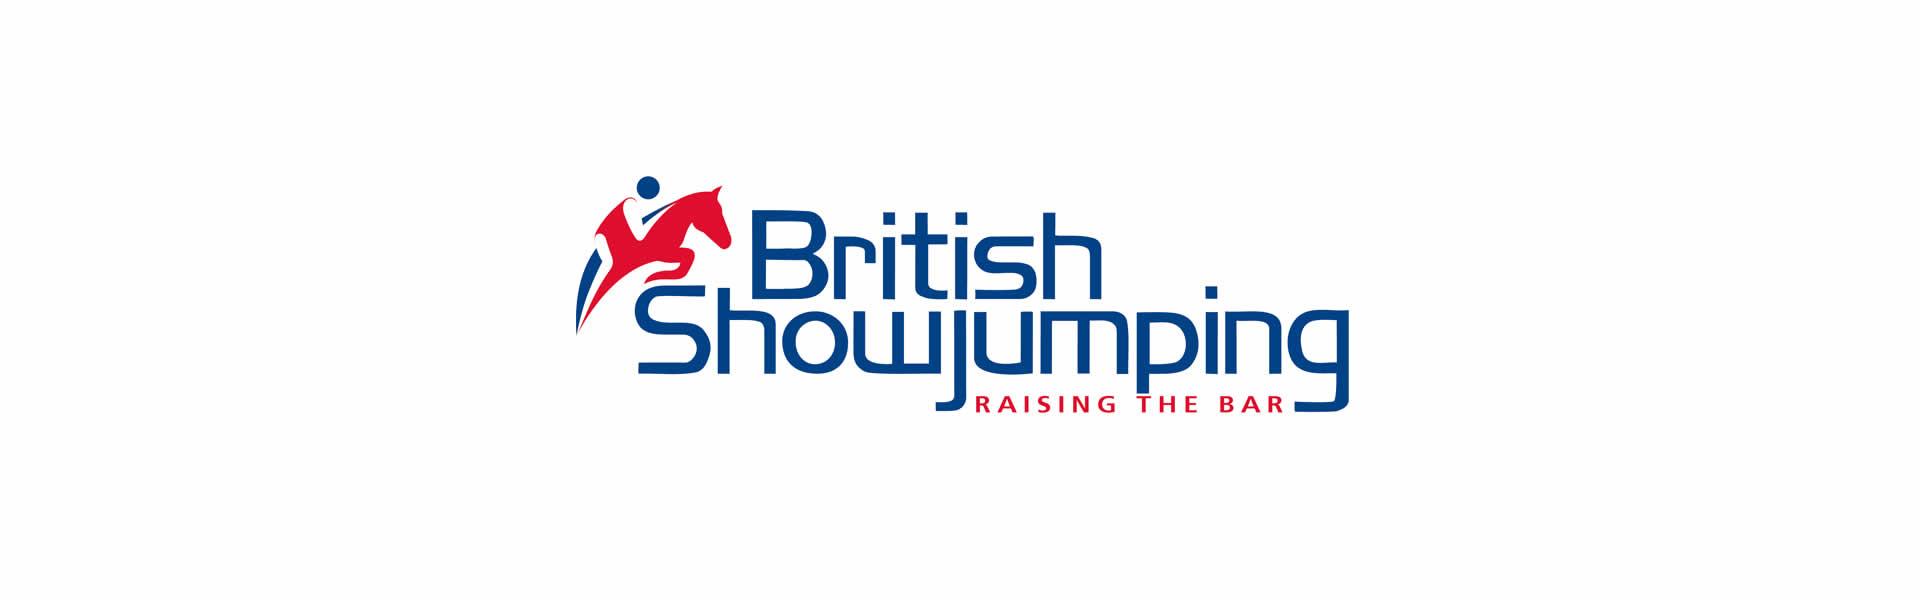 British Showjumping logo